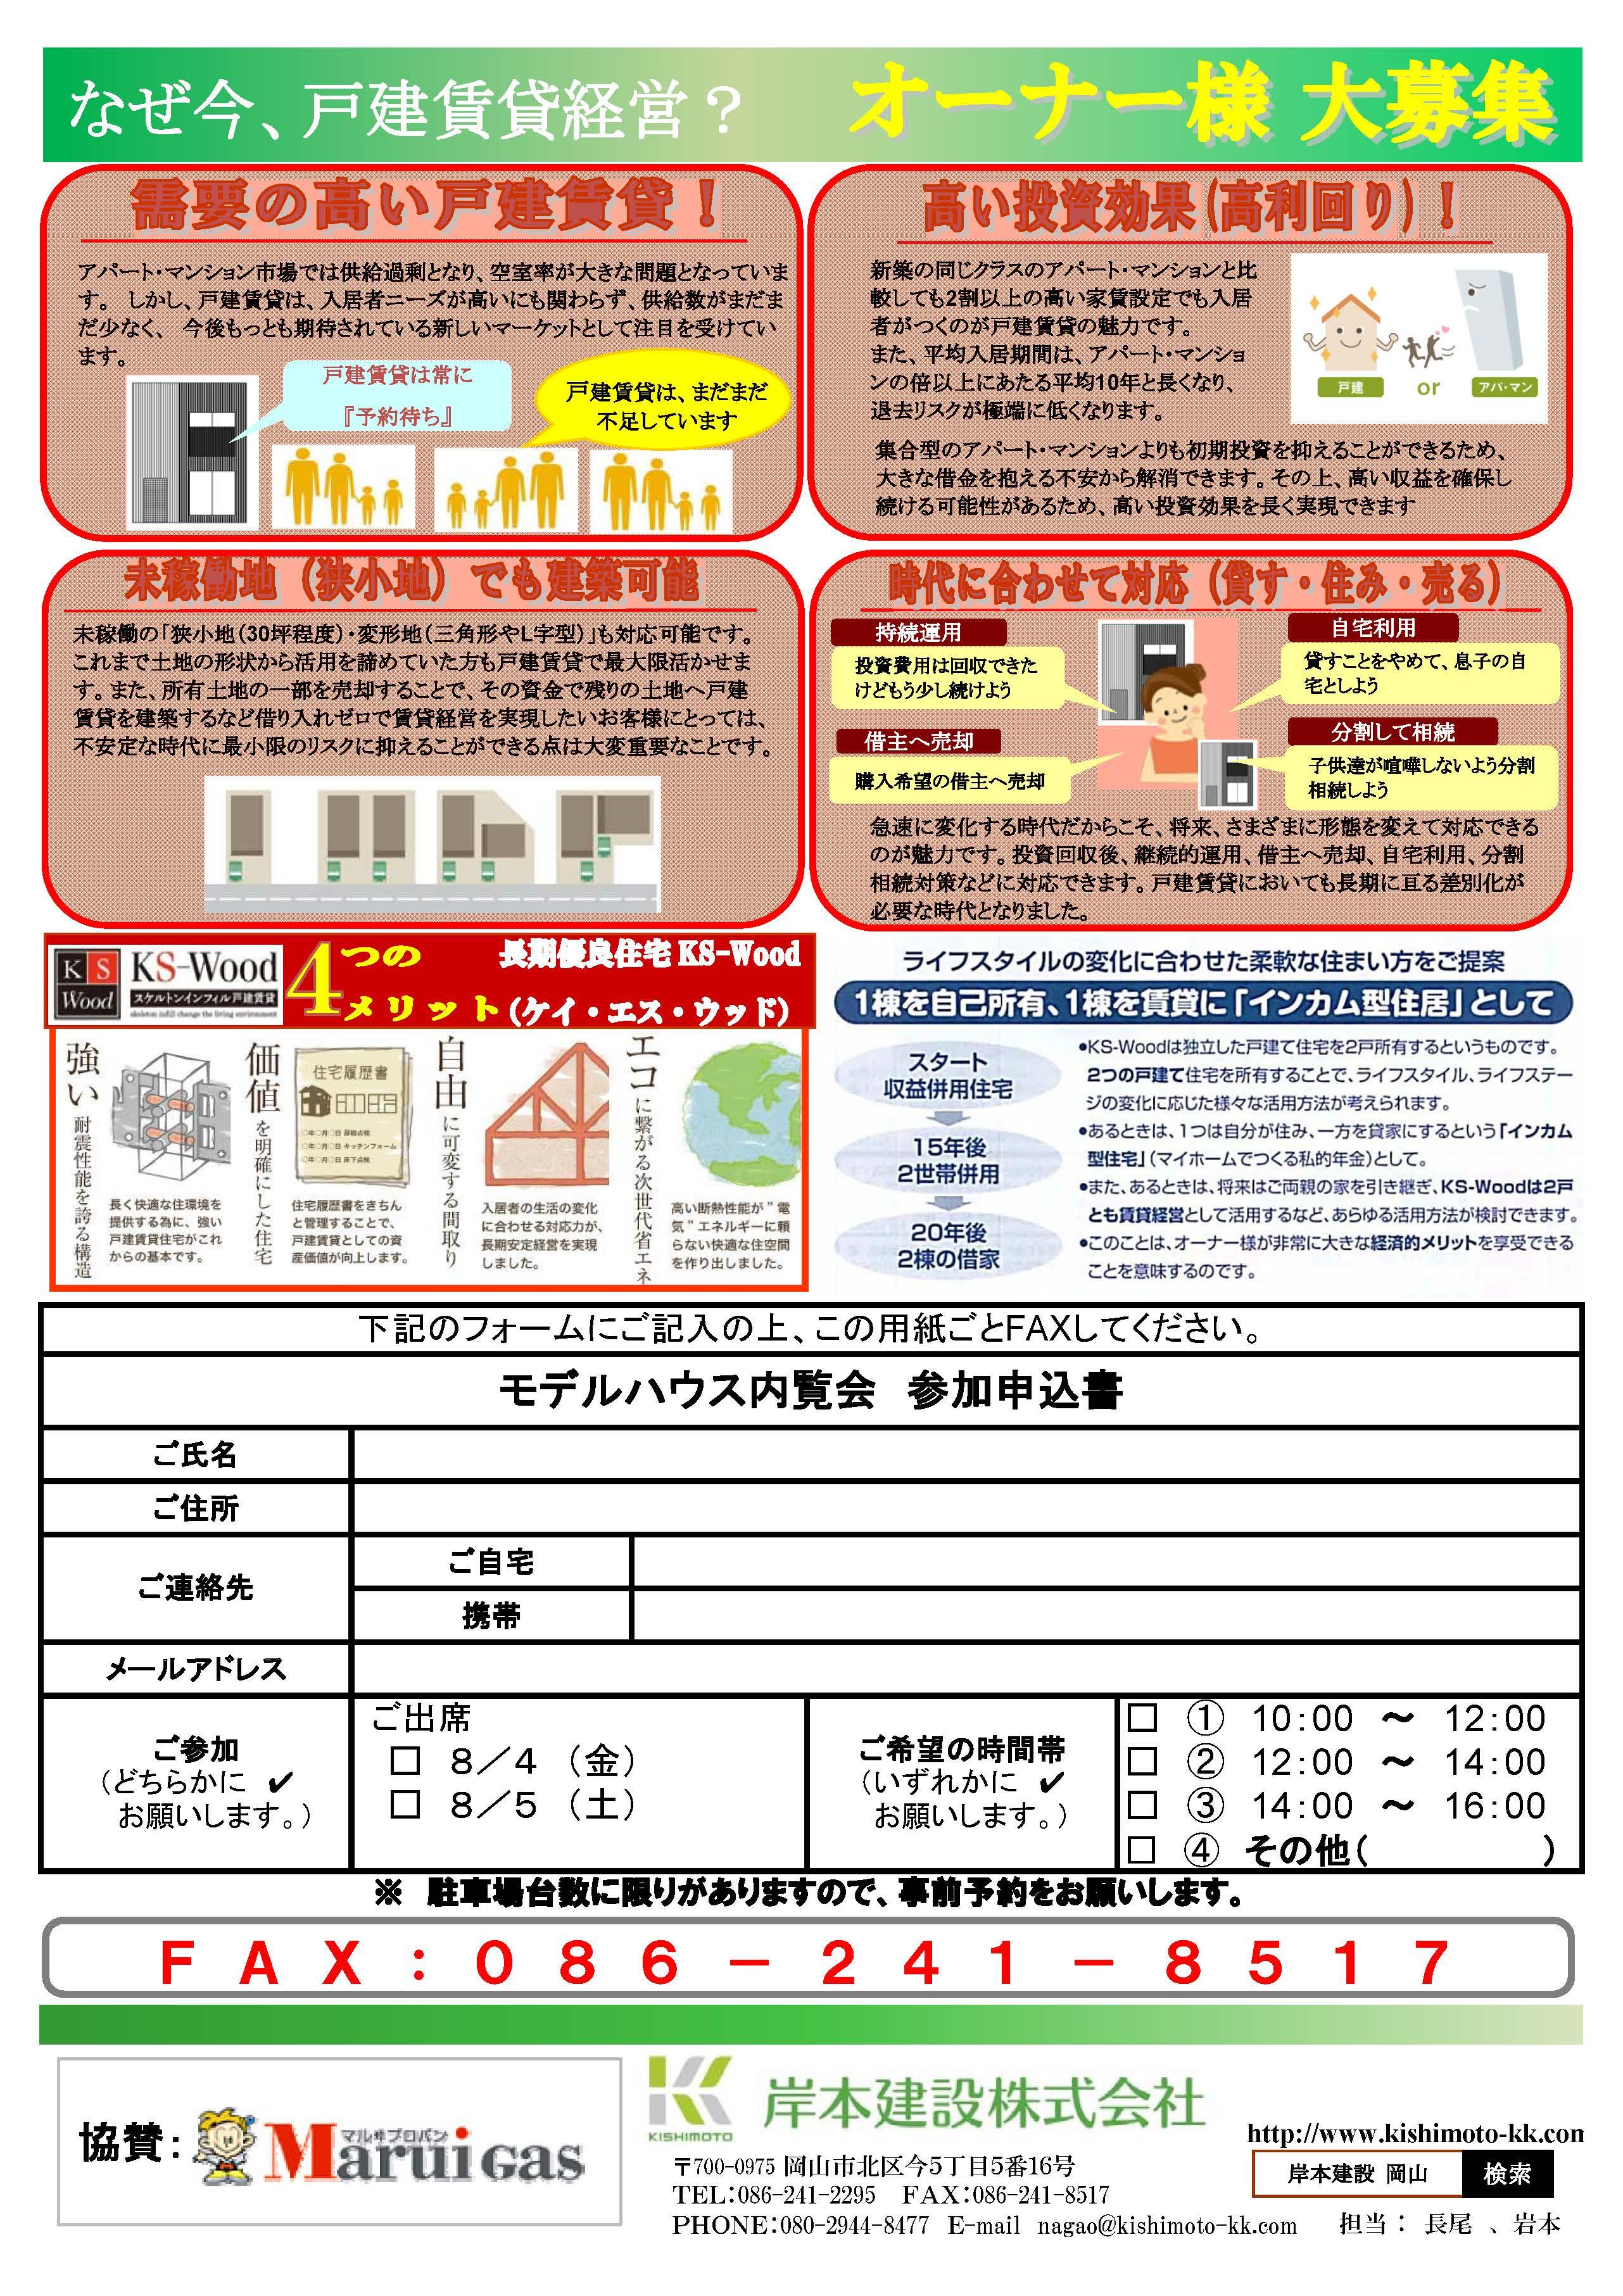 170731【芳泉4丁目】見学会チラシ_ページ_2